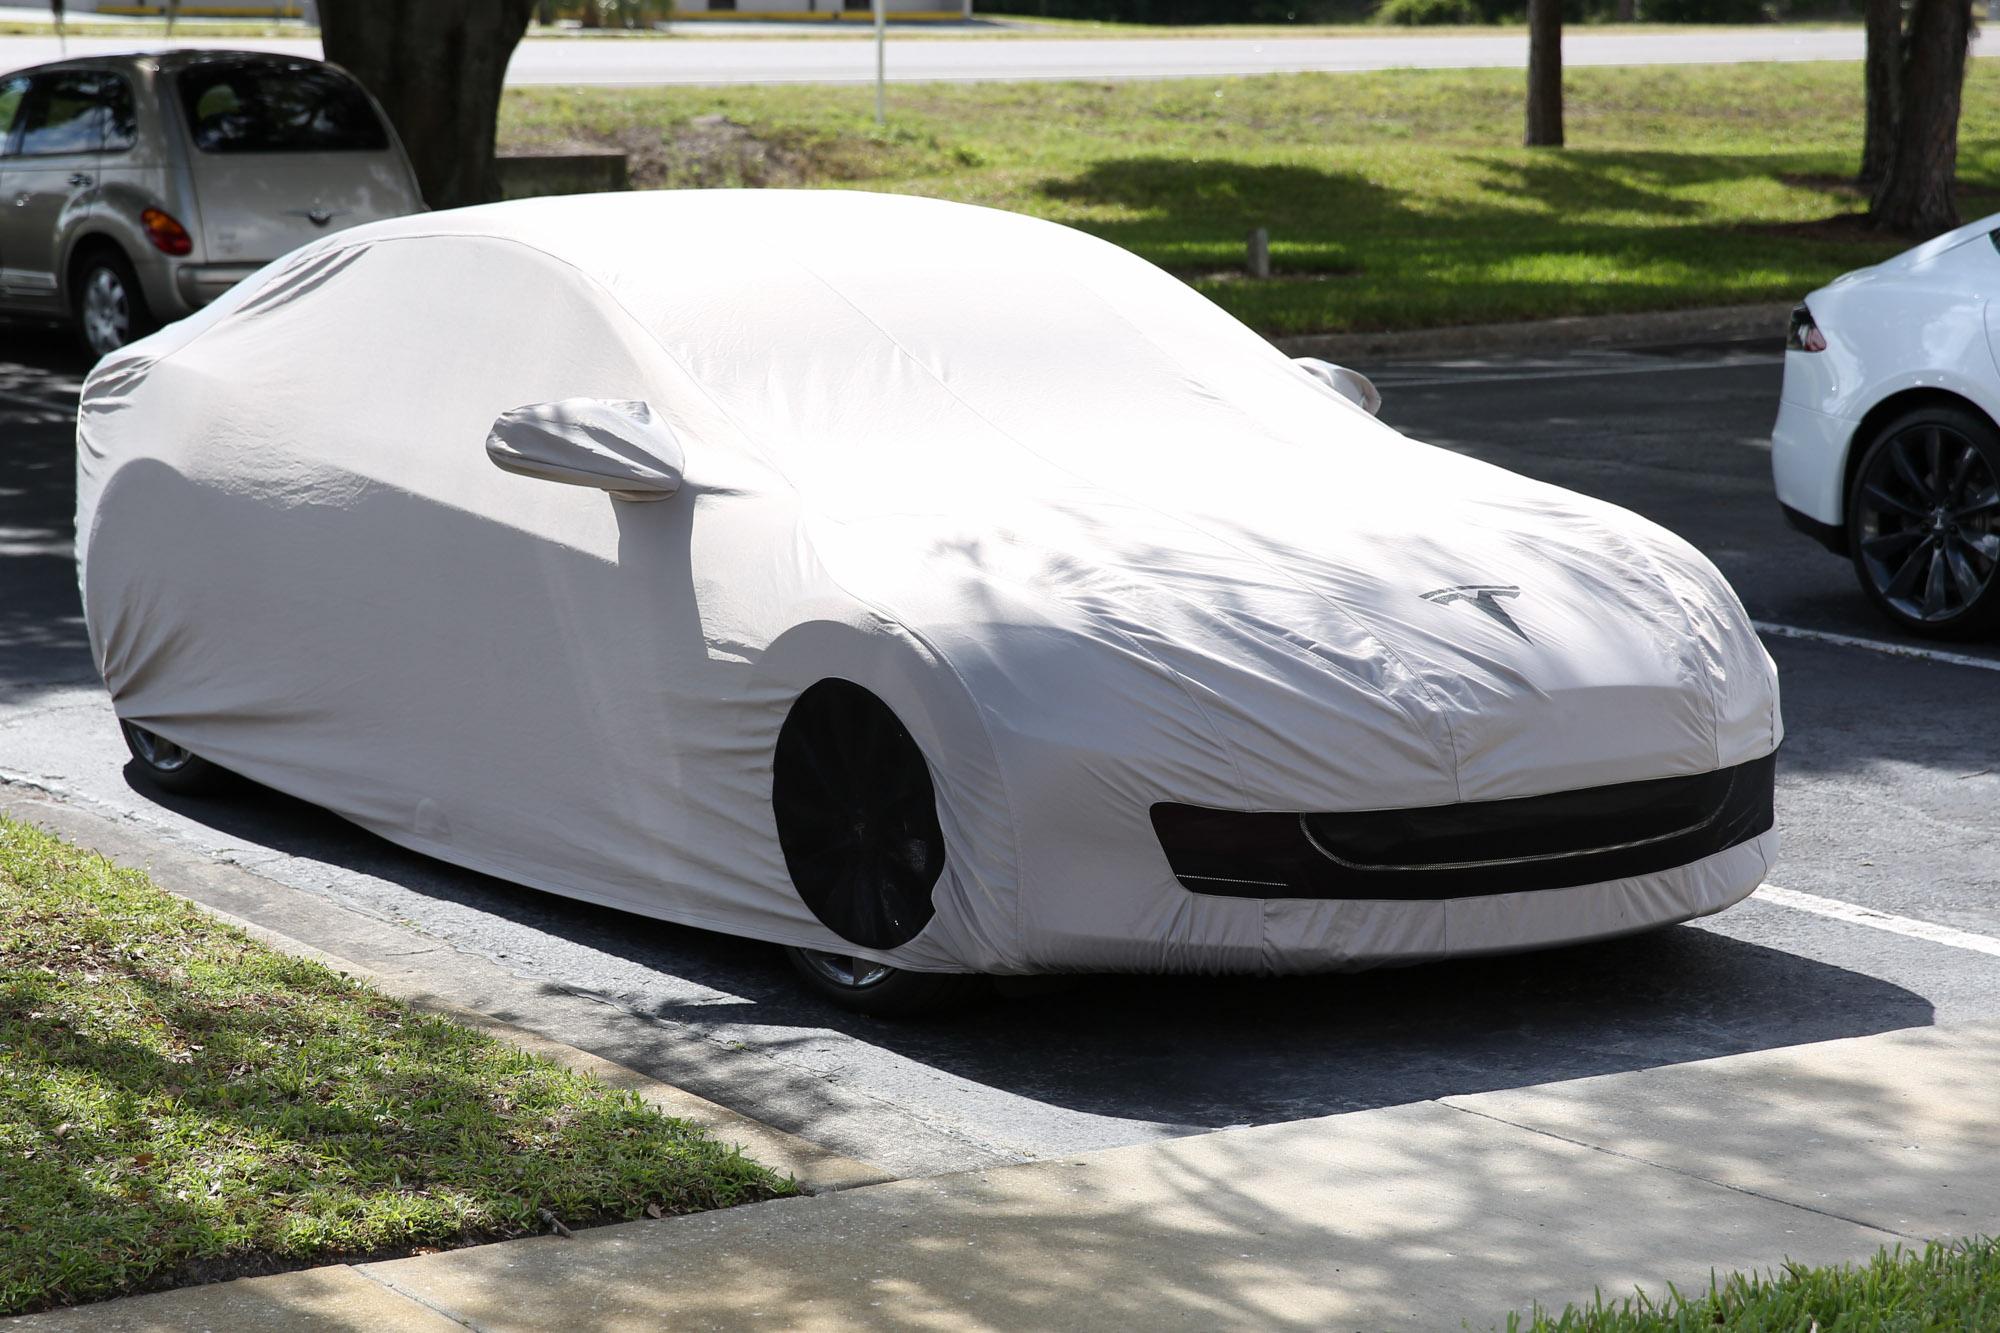 TeslaMotorsClub_Tampa_28APR13_0141.jpg